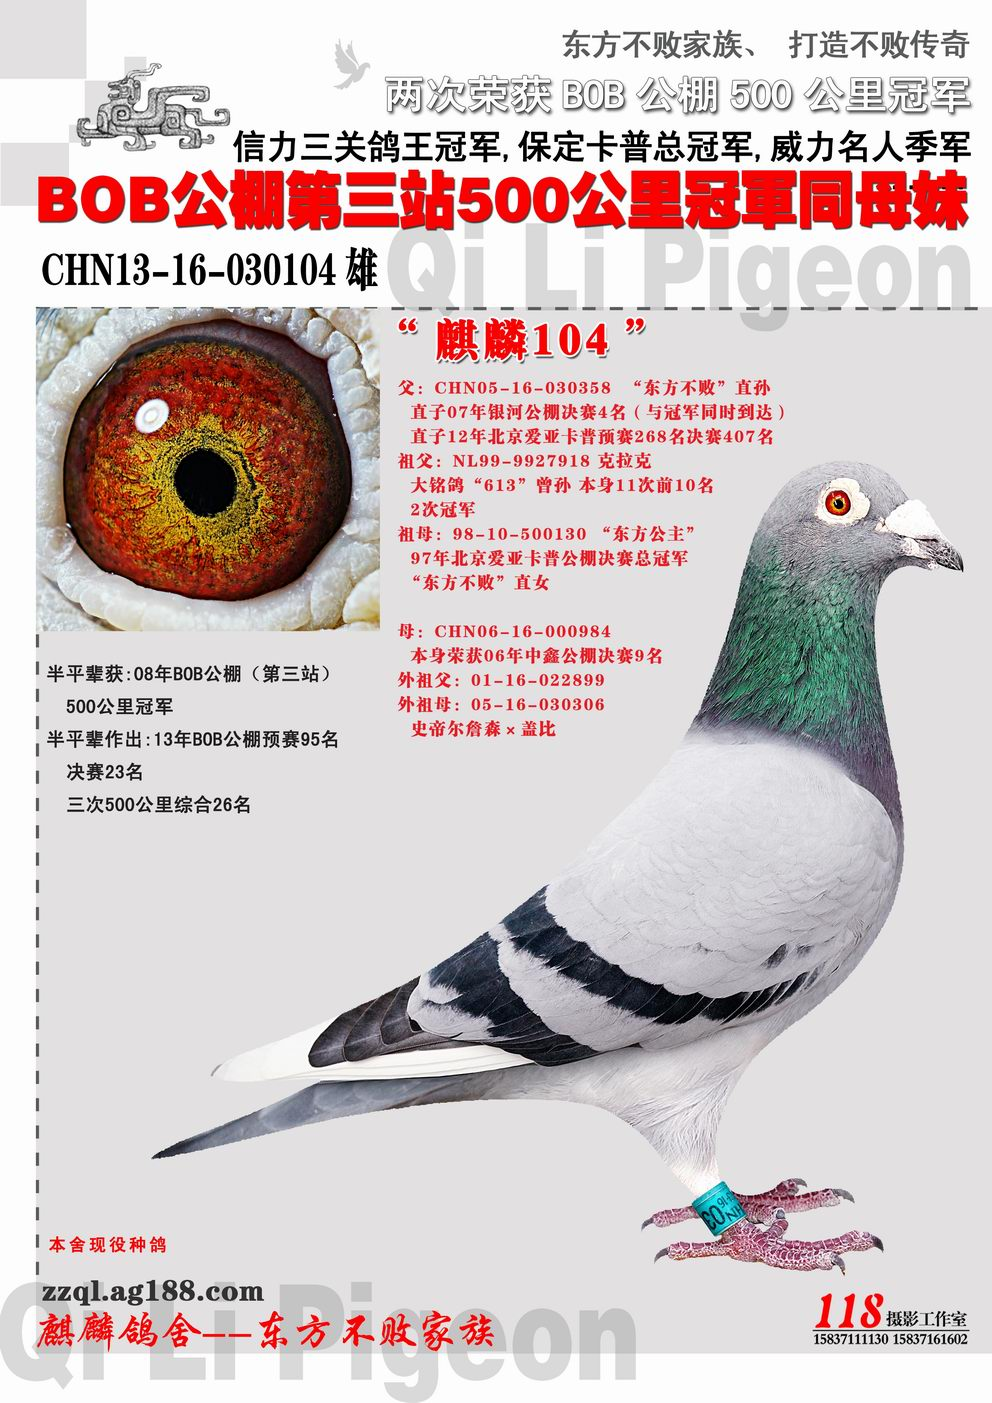 CHN13-16-030104